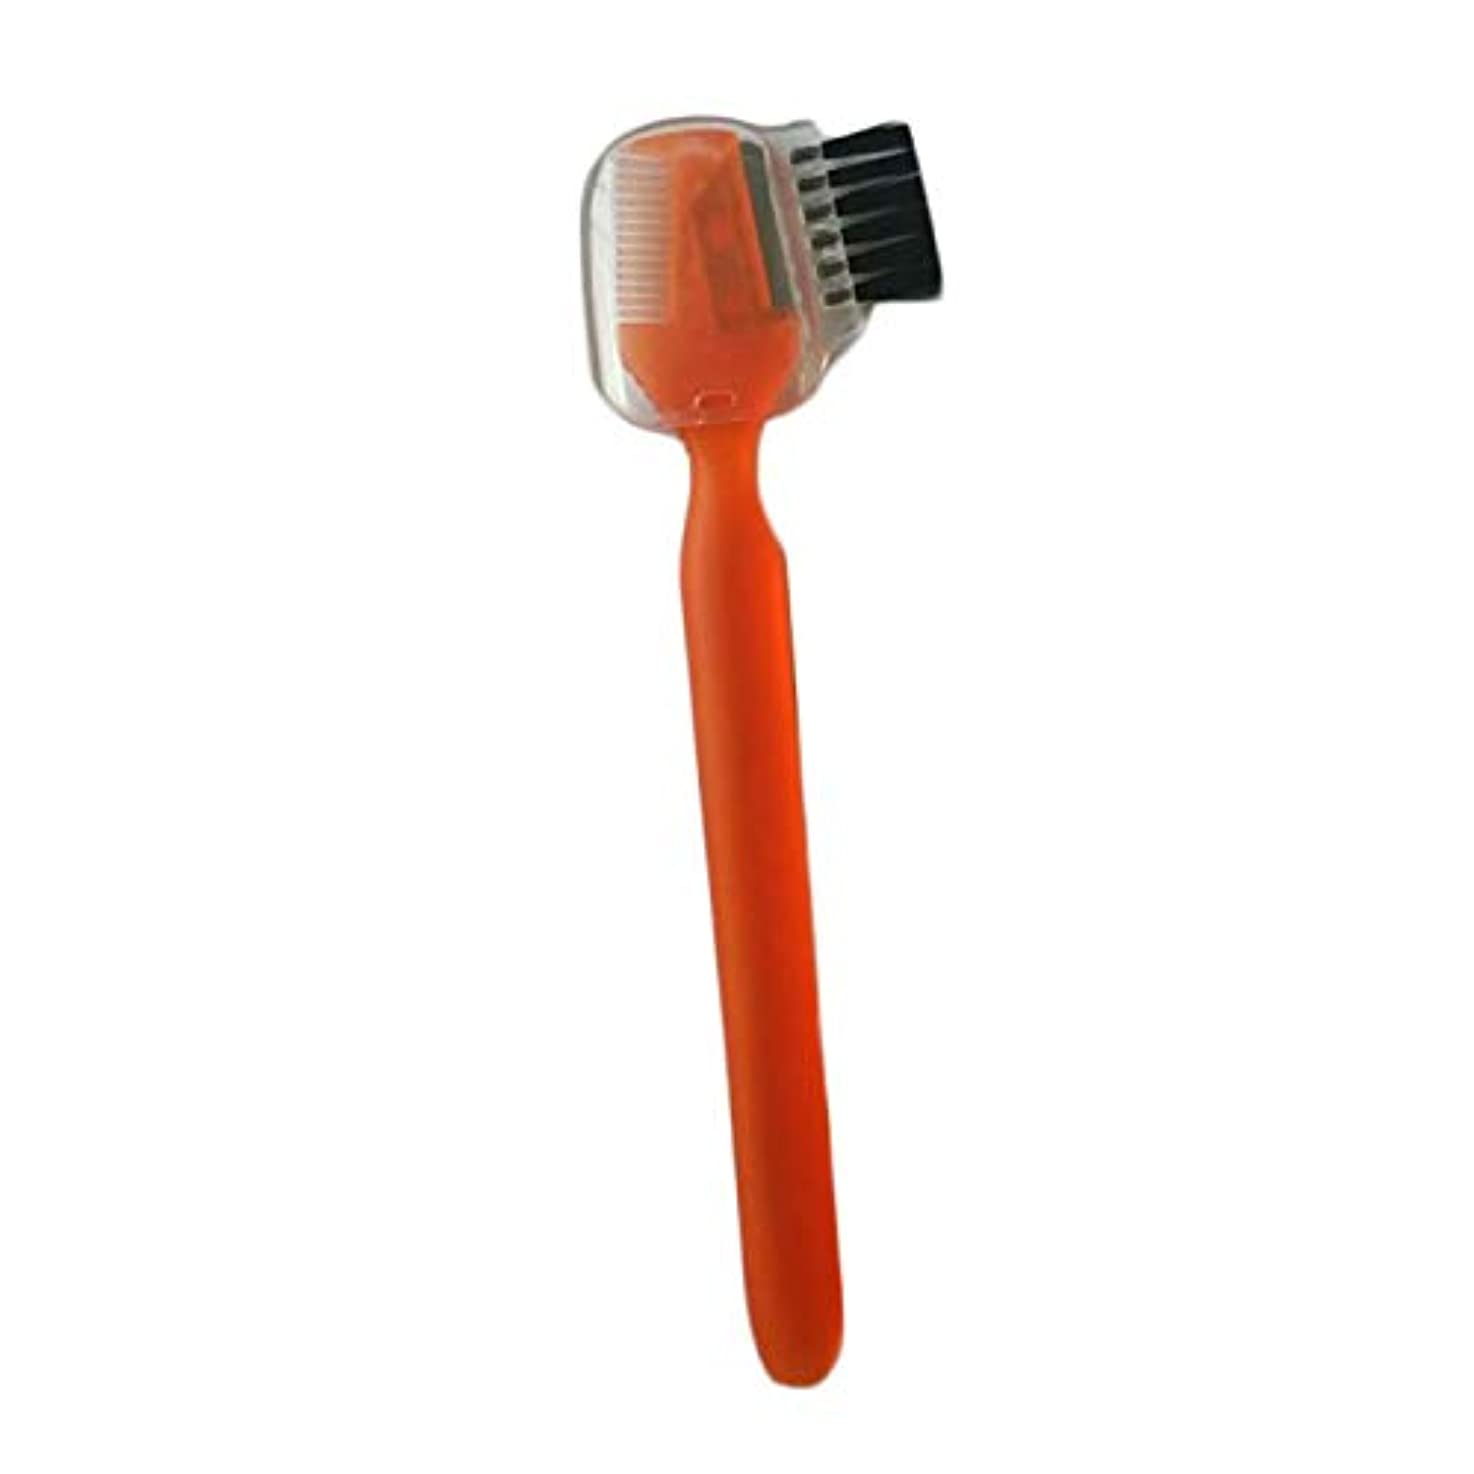 強いますコロニアル終点Yoshilimen 眉毛櫛でオリジナルの5 pcsの女性のティンクル眉剃刀トリマー形状プロシェービングキット(None orange)